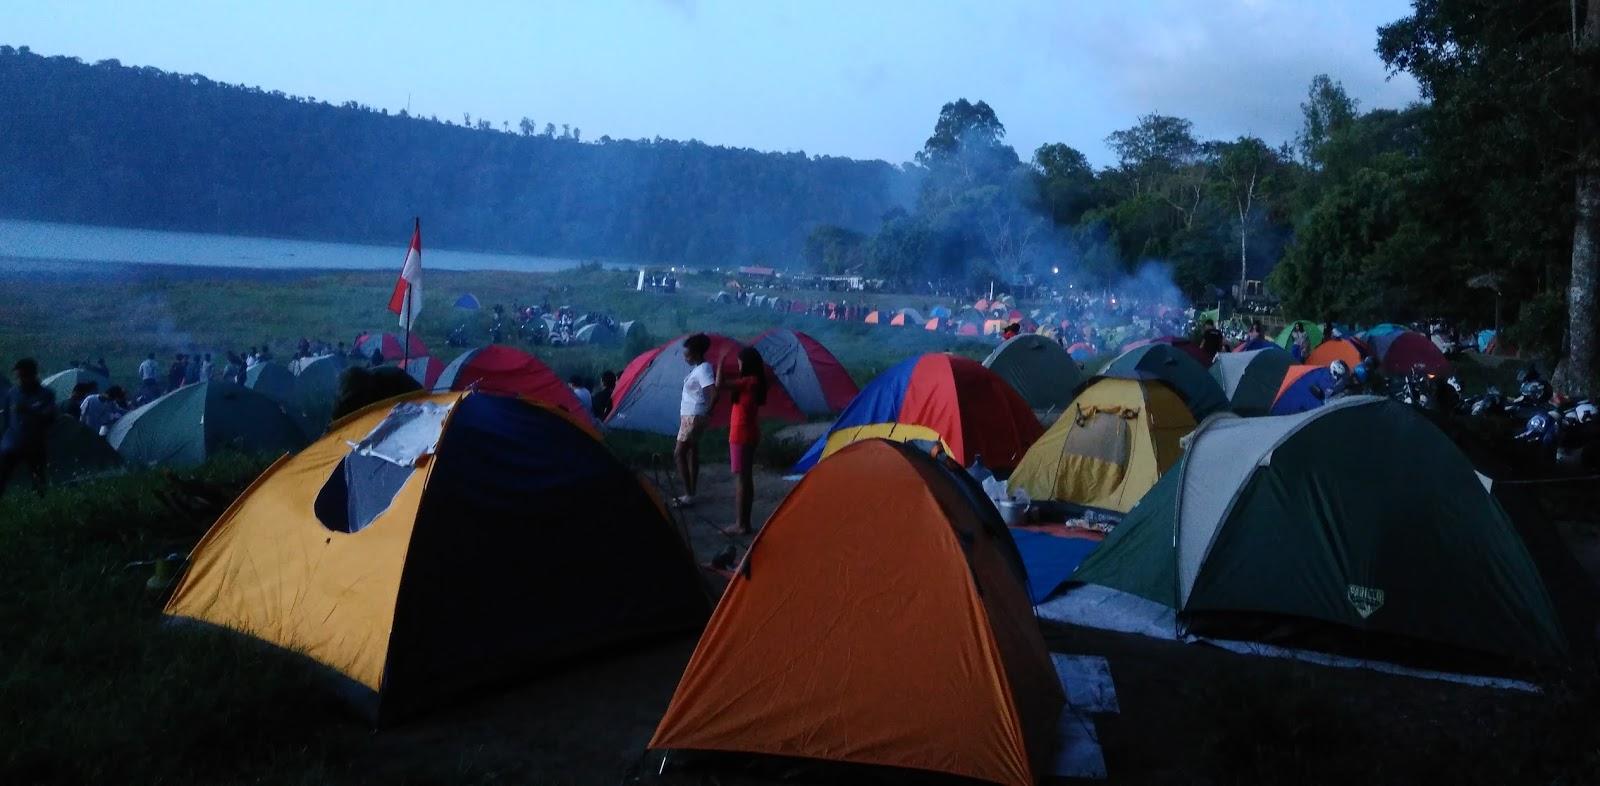 Sewa Peralatan Camping dan Tenda Kemah serta Jual